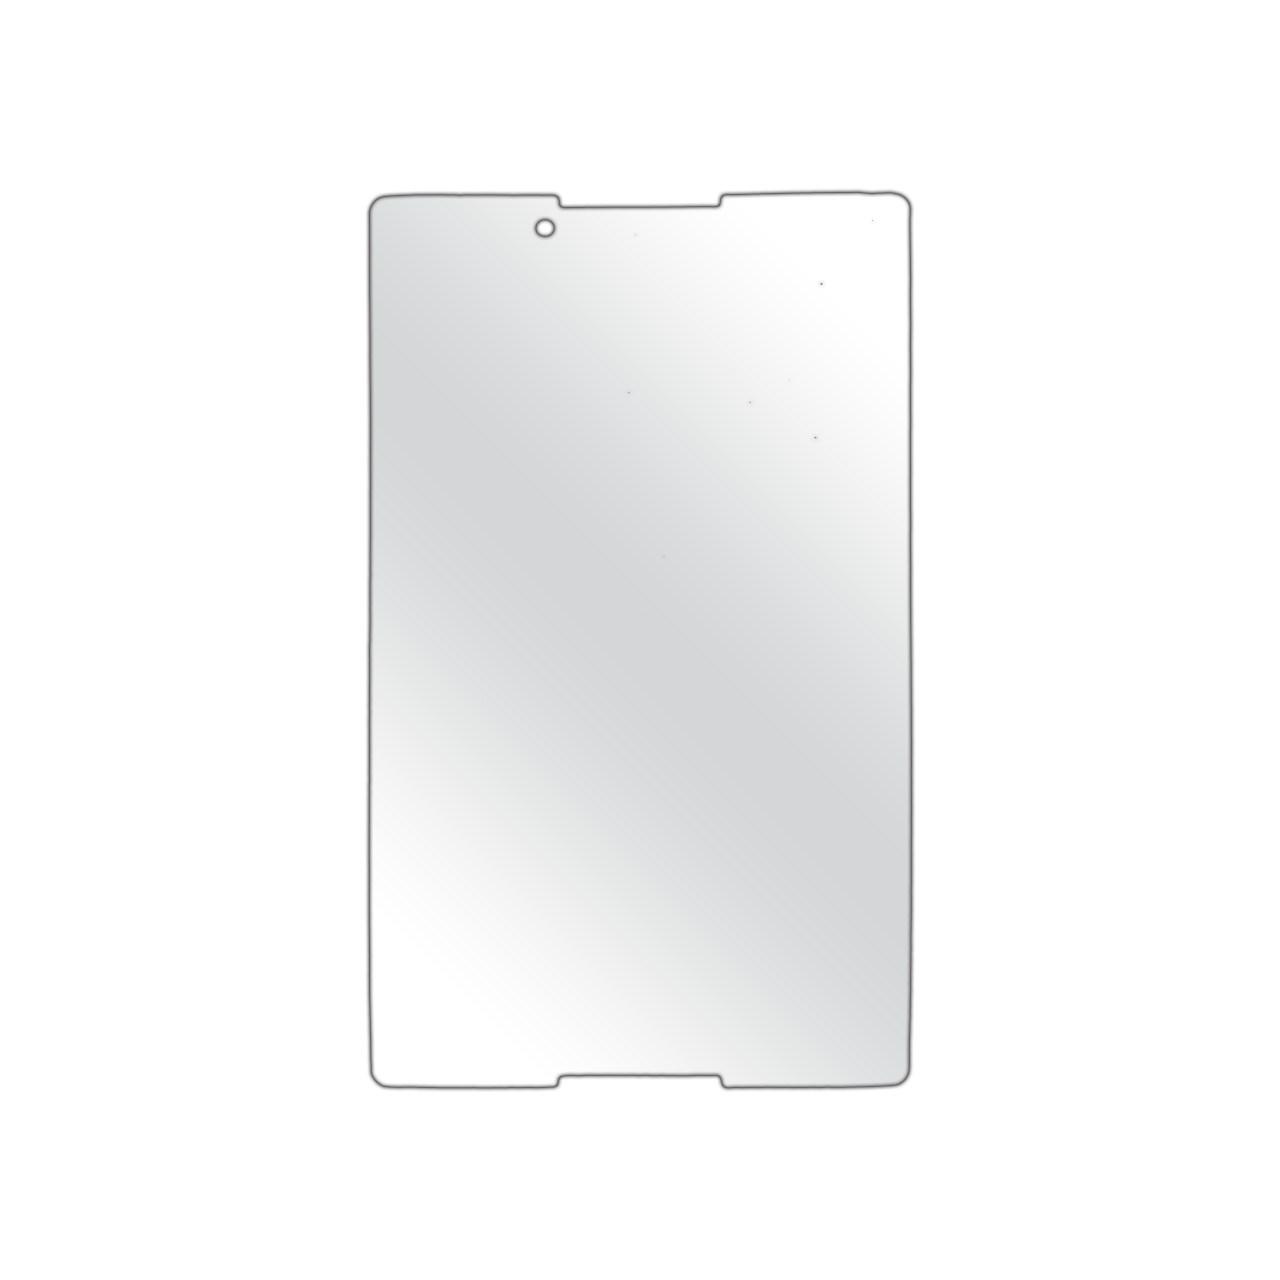 محافظ صفحه نمایش مولتی نانو مناسب برای تبلت لنوو تب 2 / ای 8